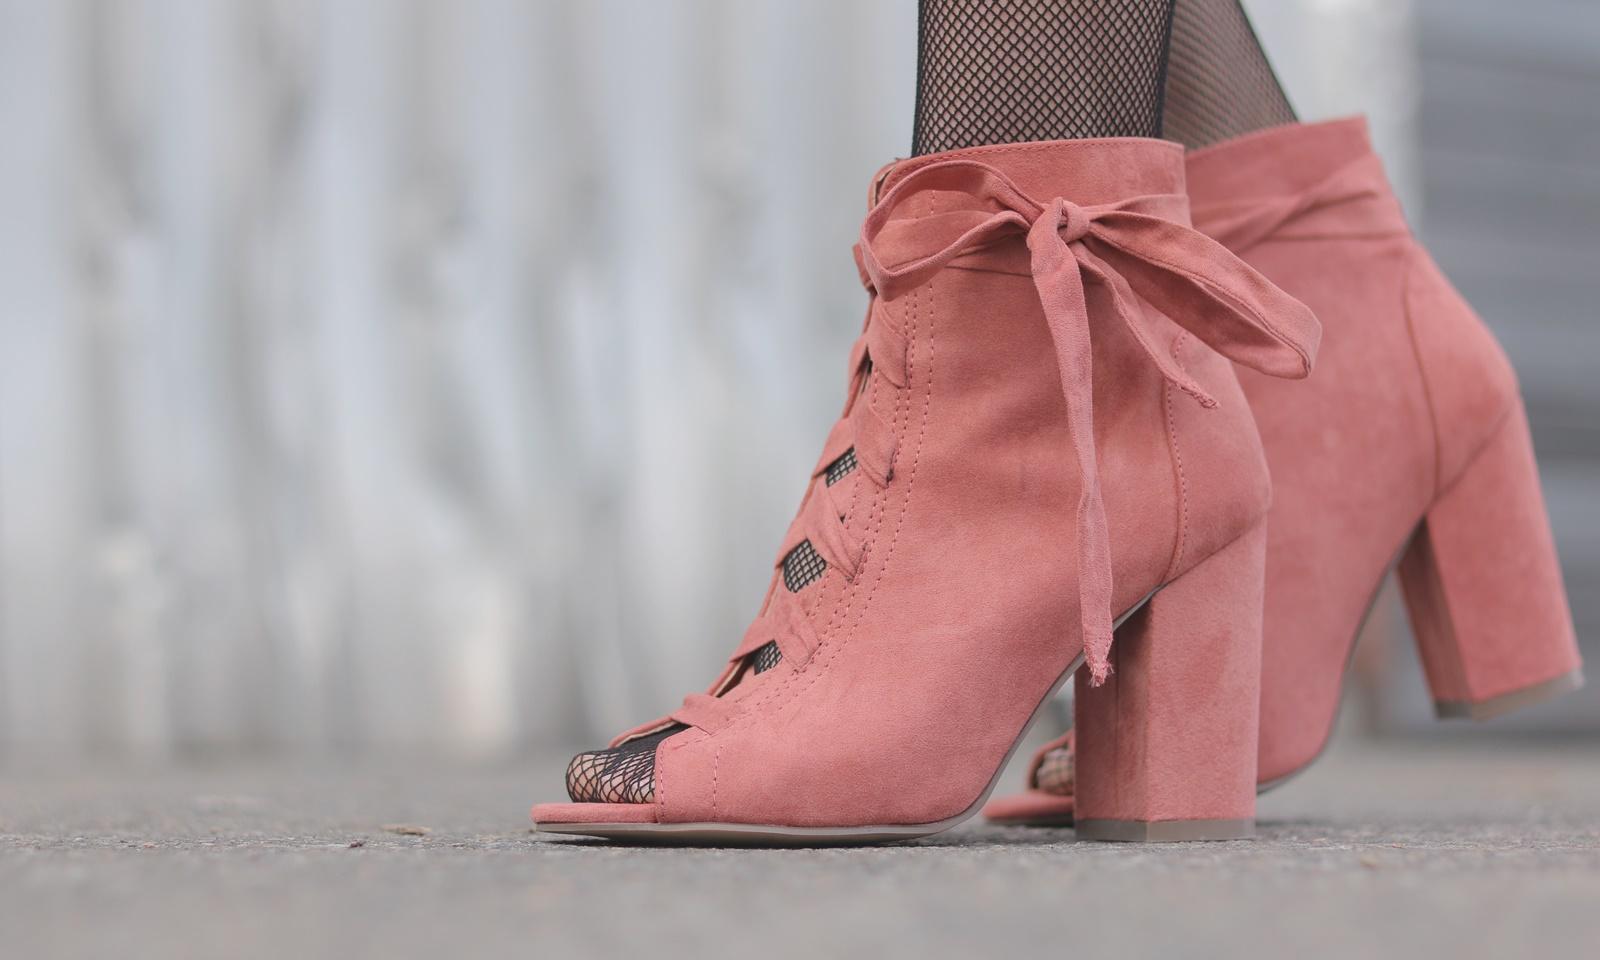 Schnüren Stiefeletten Rosa Zum Outfit Justfab Modeblogger LqSUMVzGp